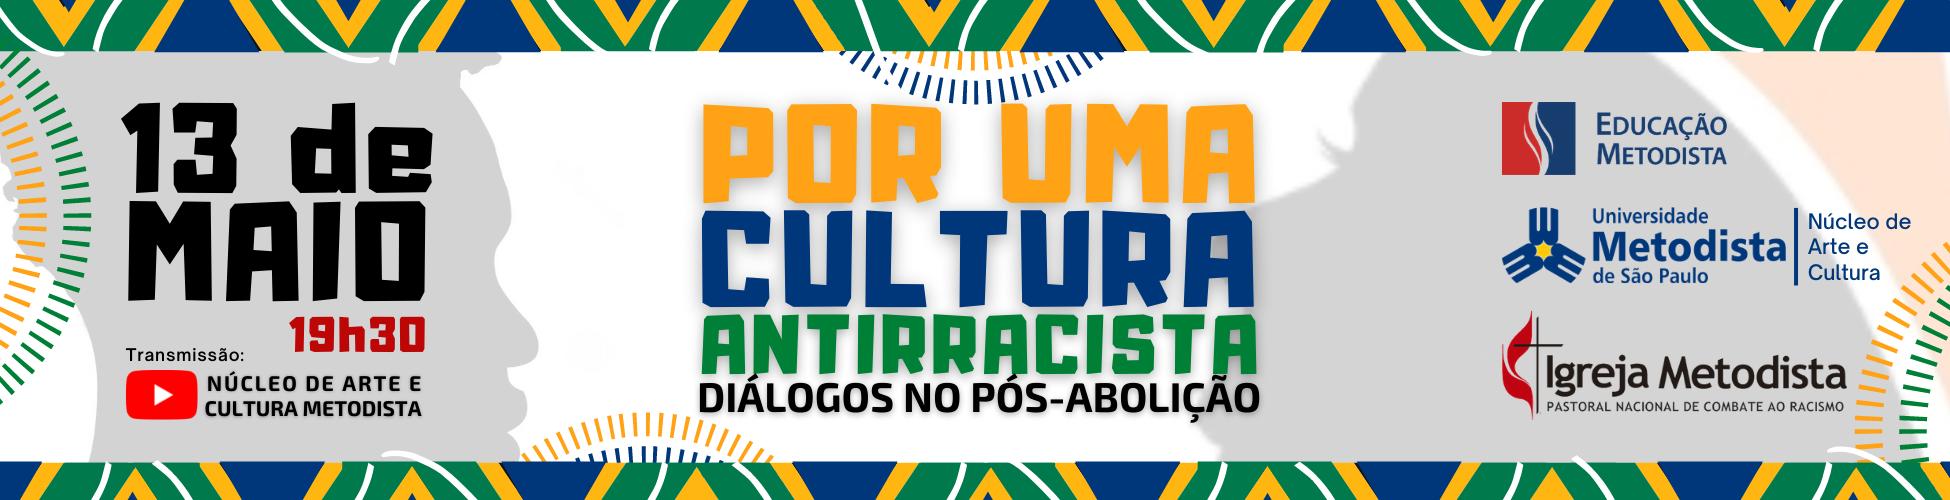 Por uma cultura antirracista | Diálogos no pós-abolição